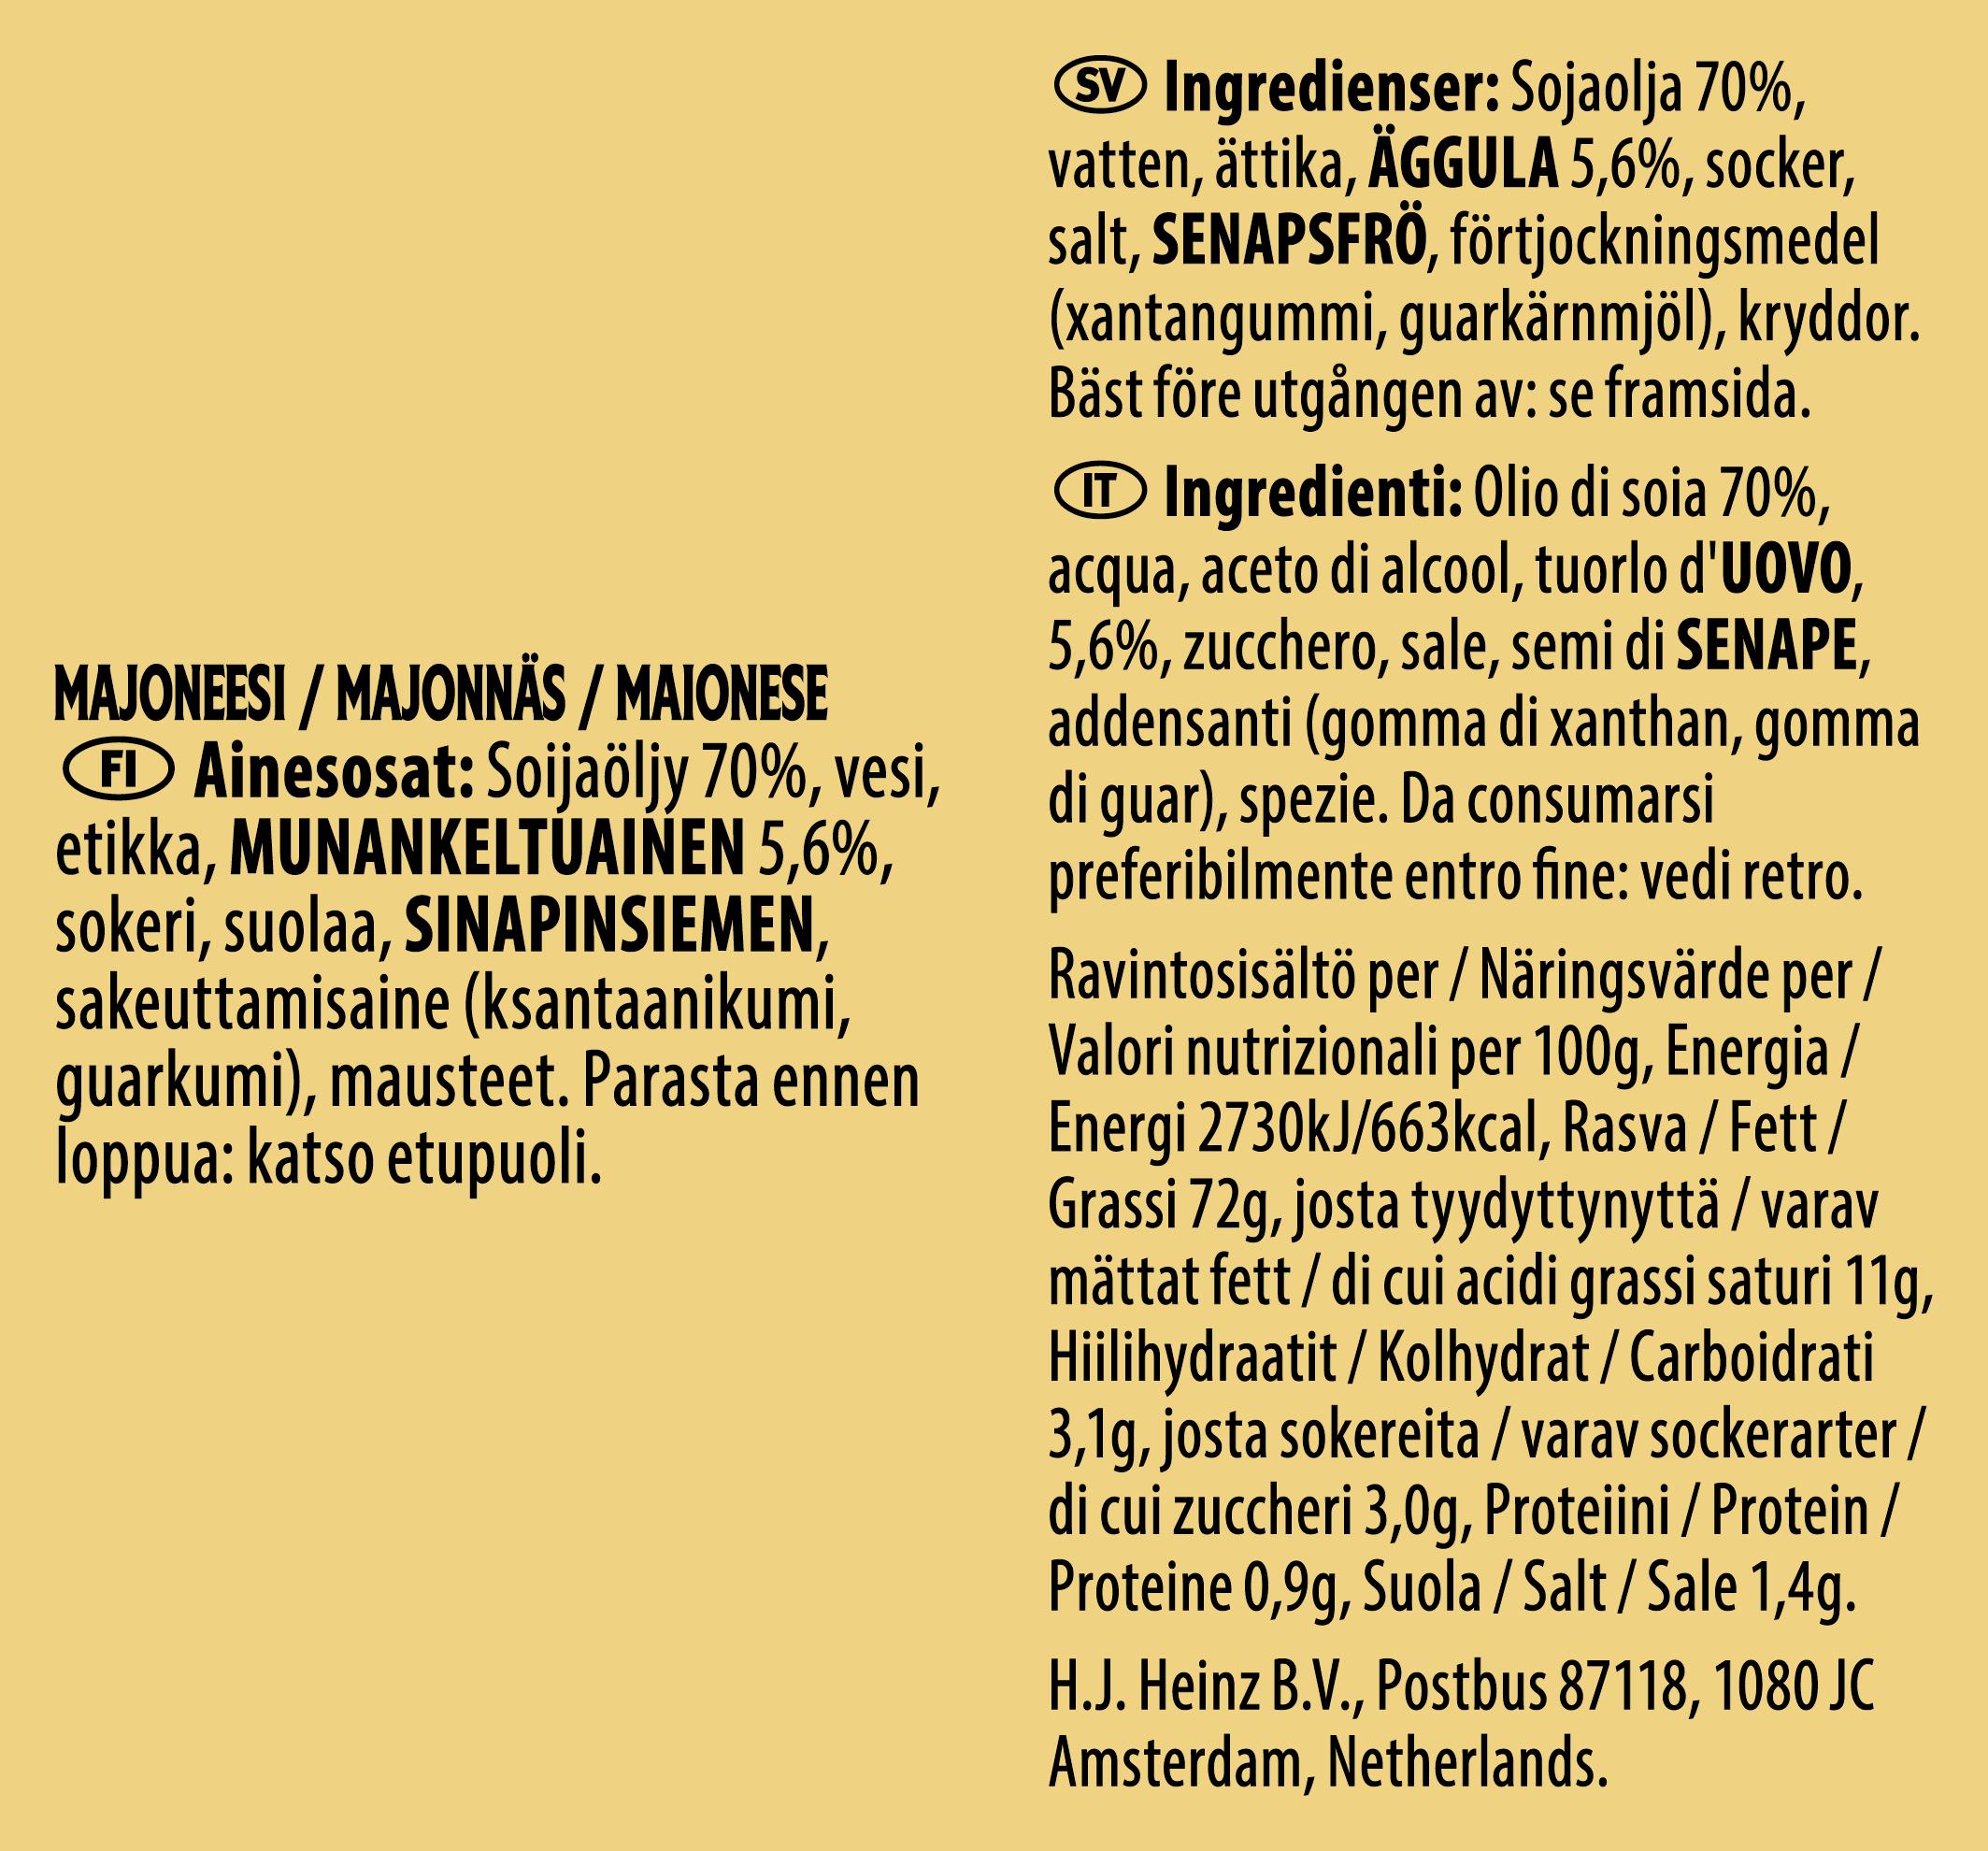 Heinz Maionese 10ml Bustina